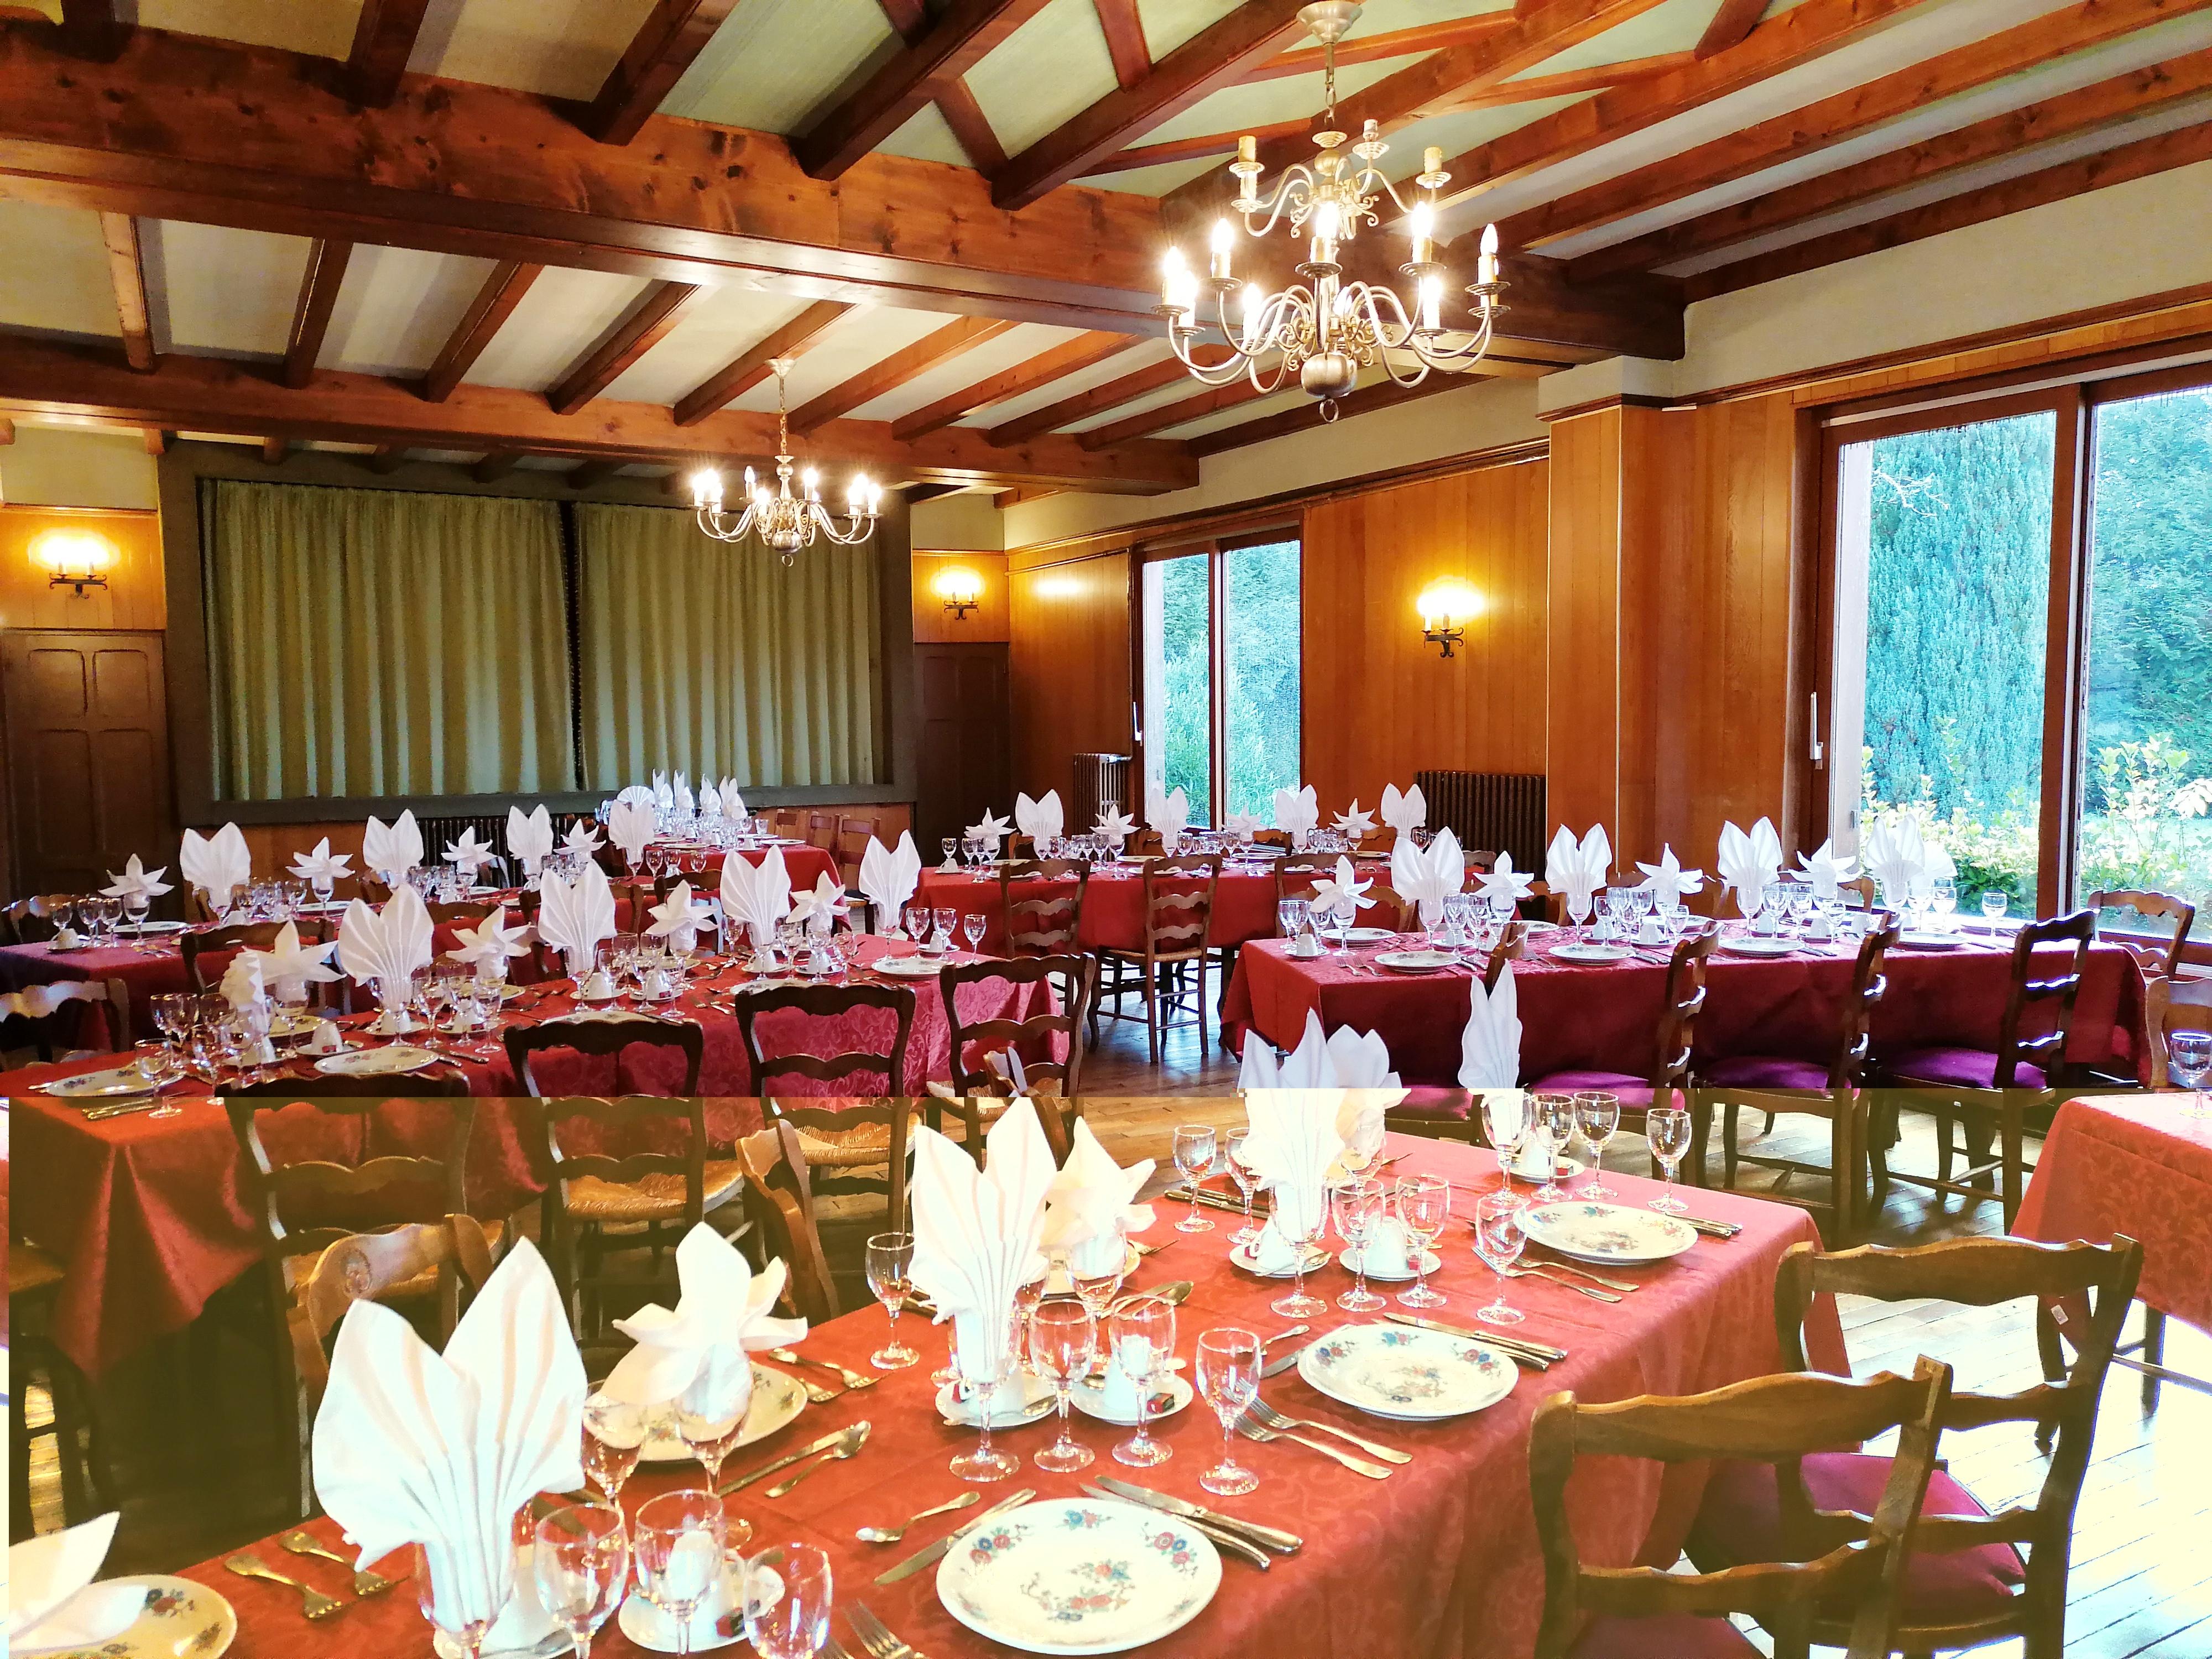 Salle de banquet, crédit photo :